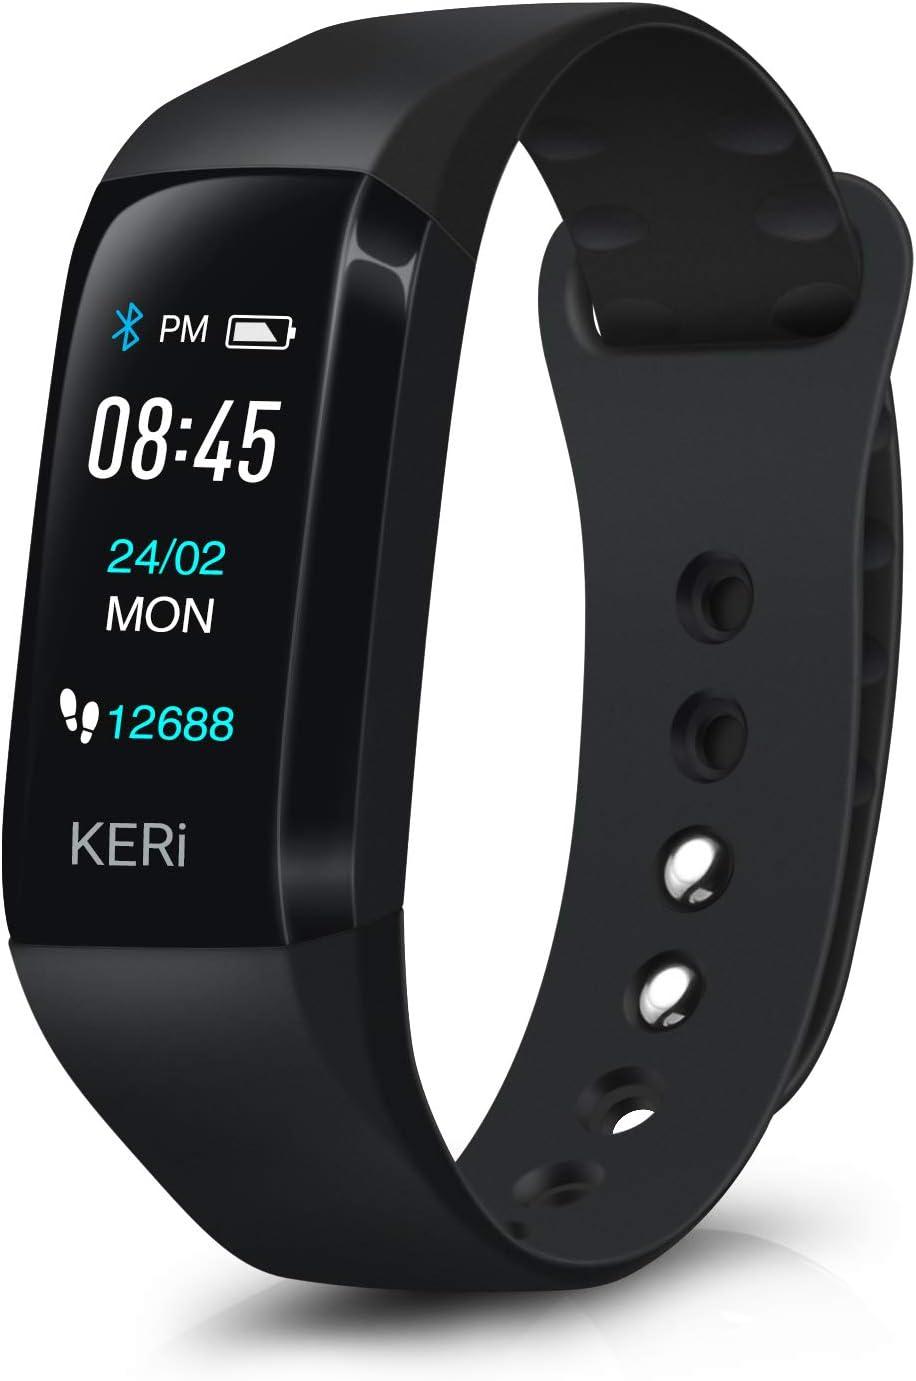 August Audar KERi-Pulsera Inteligente de Salud con Función de Tension Arterial Oxigeno Llamadas y Whatsapp Smartwatch Impermeable Compatible con Android&iOS